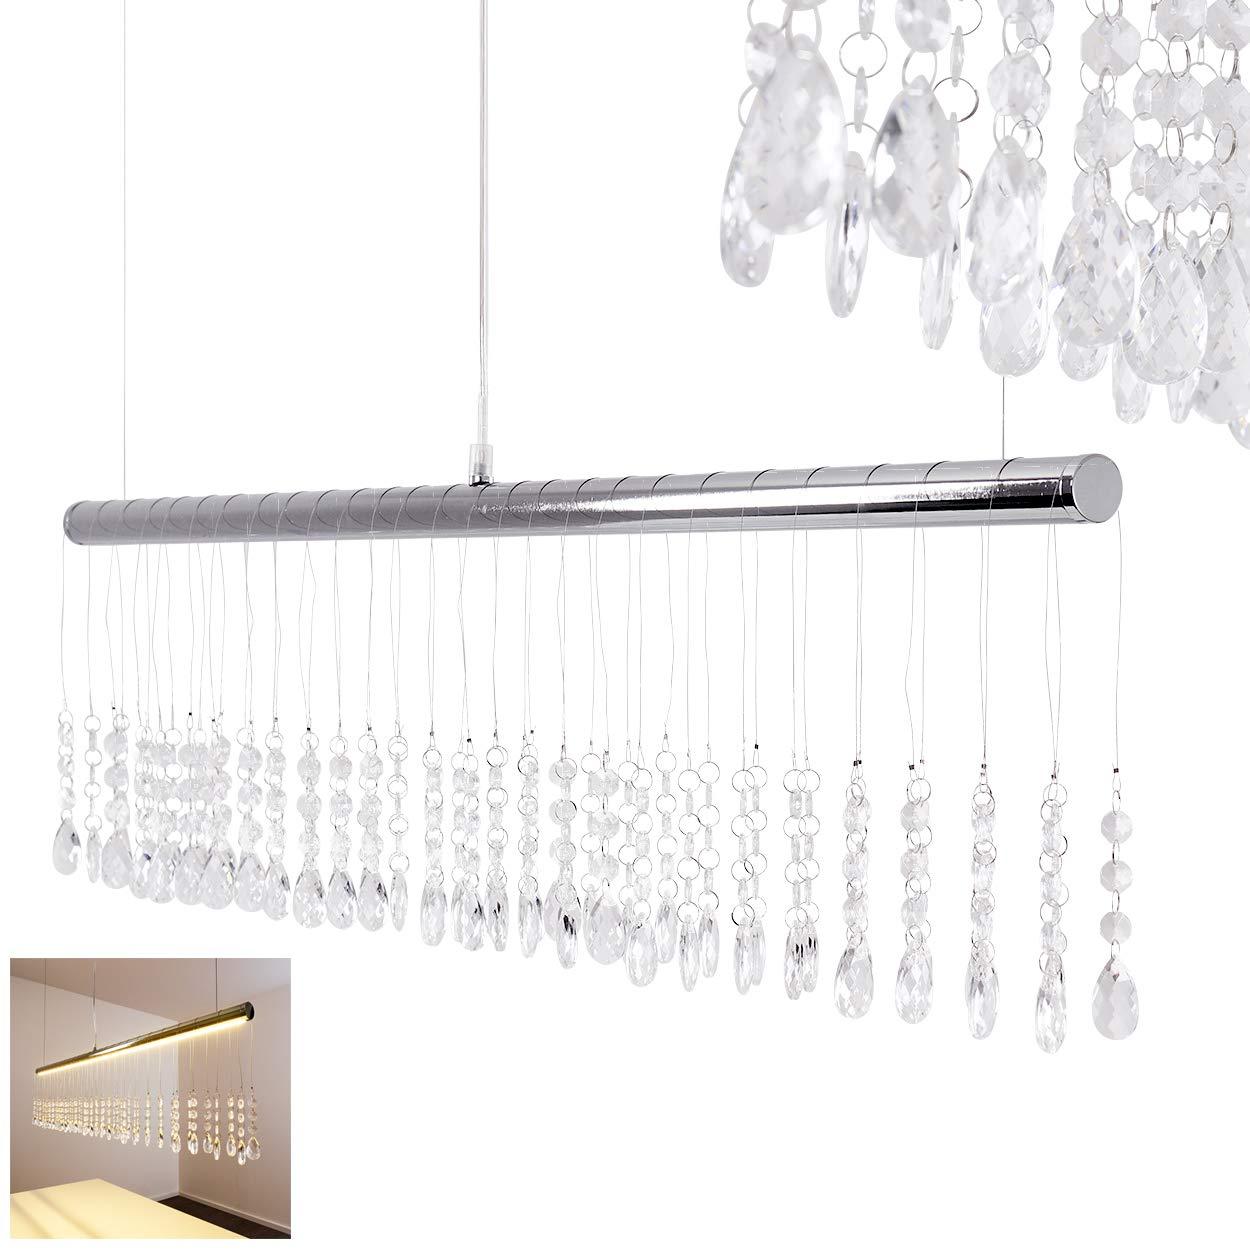 Dekorative LED Pendelleuchte mit schickem Glasbehang – LED Haengeleuchte mit tollen Lichteffekten – Höhe der Leuchte 120 cm (verstellbar) - Moderne Deckenlampe Wohnzimmer – Esszimmer – 3000 Kelvin